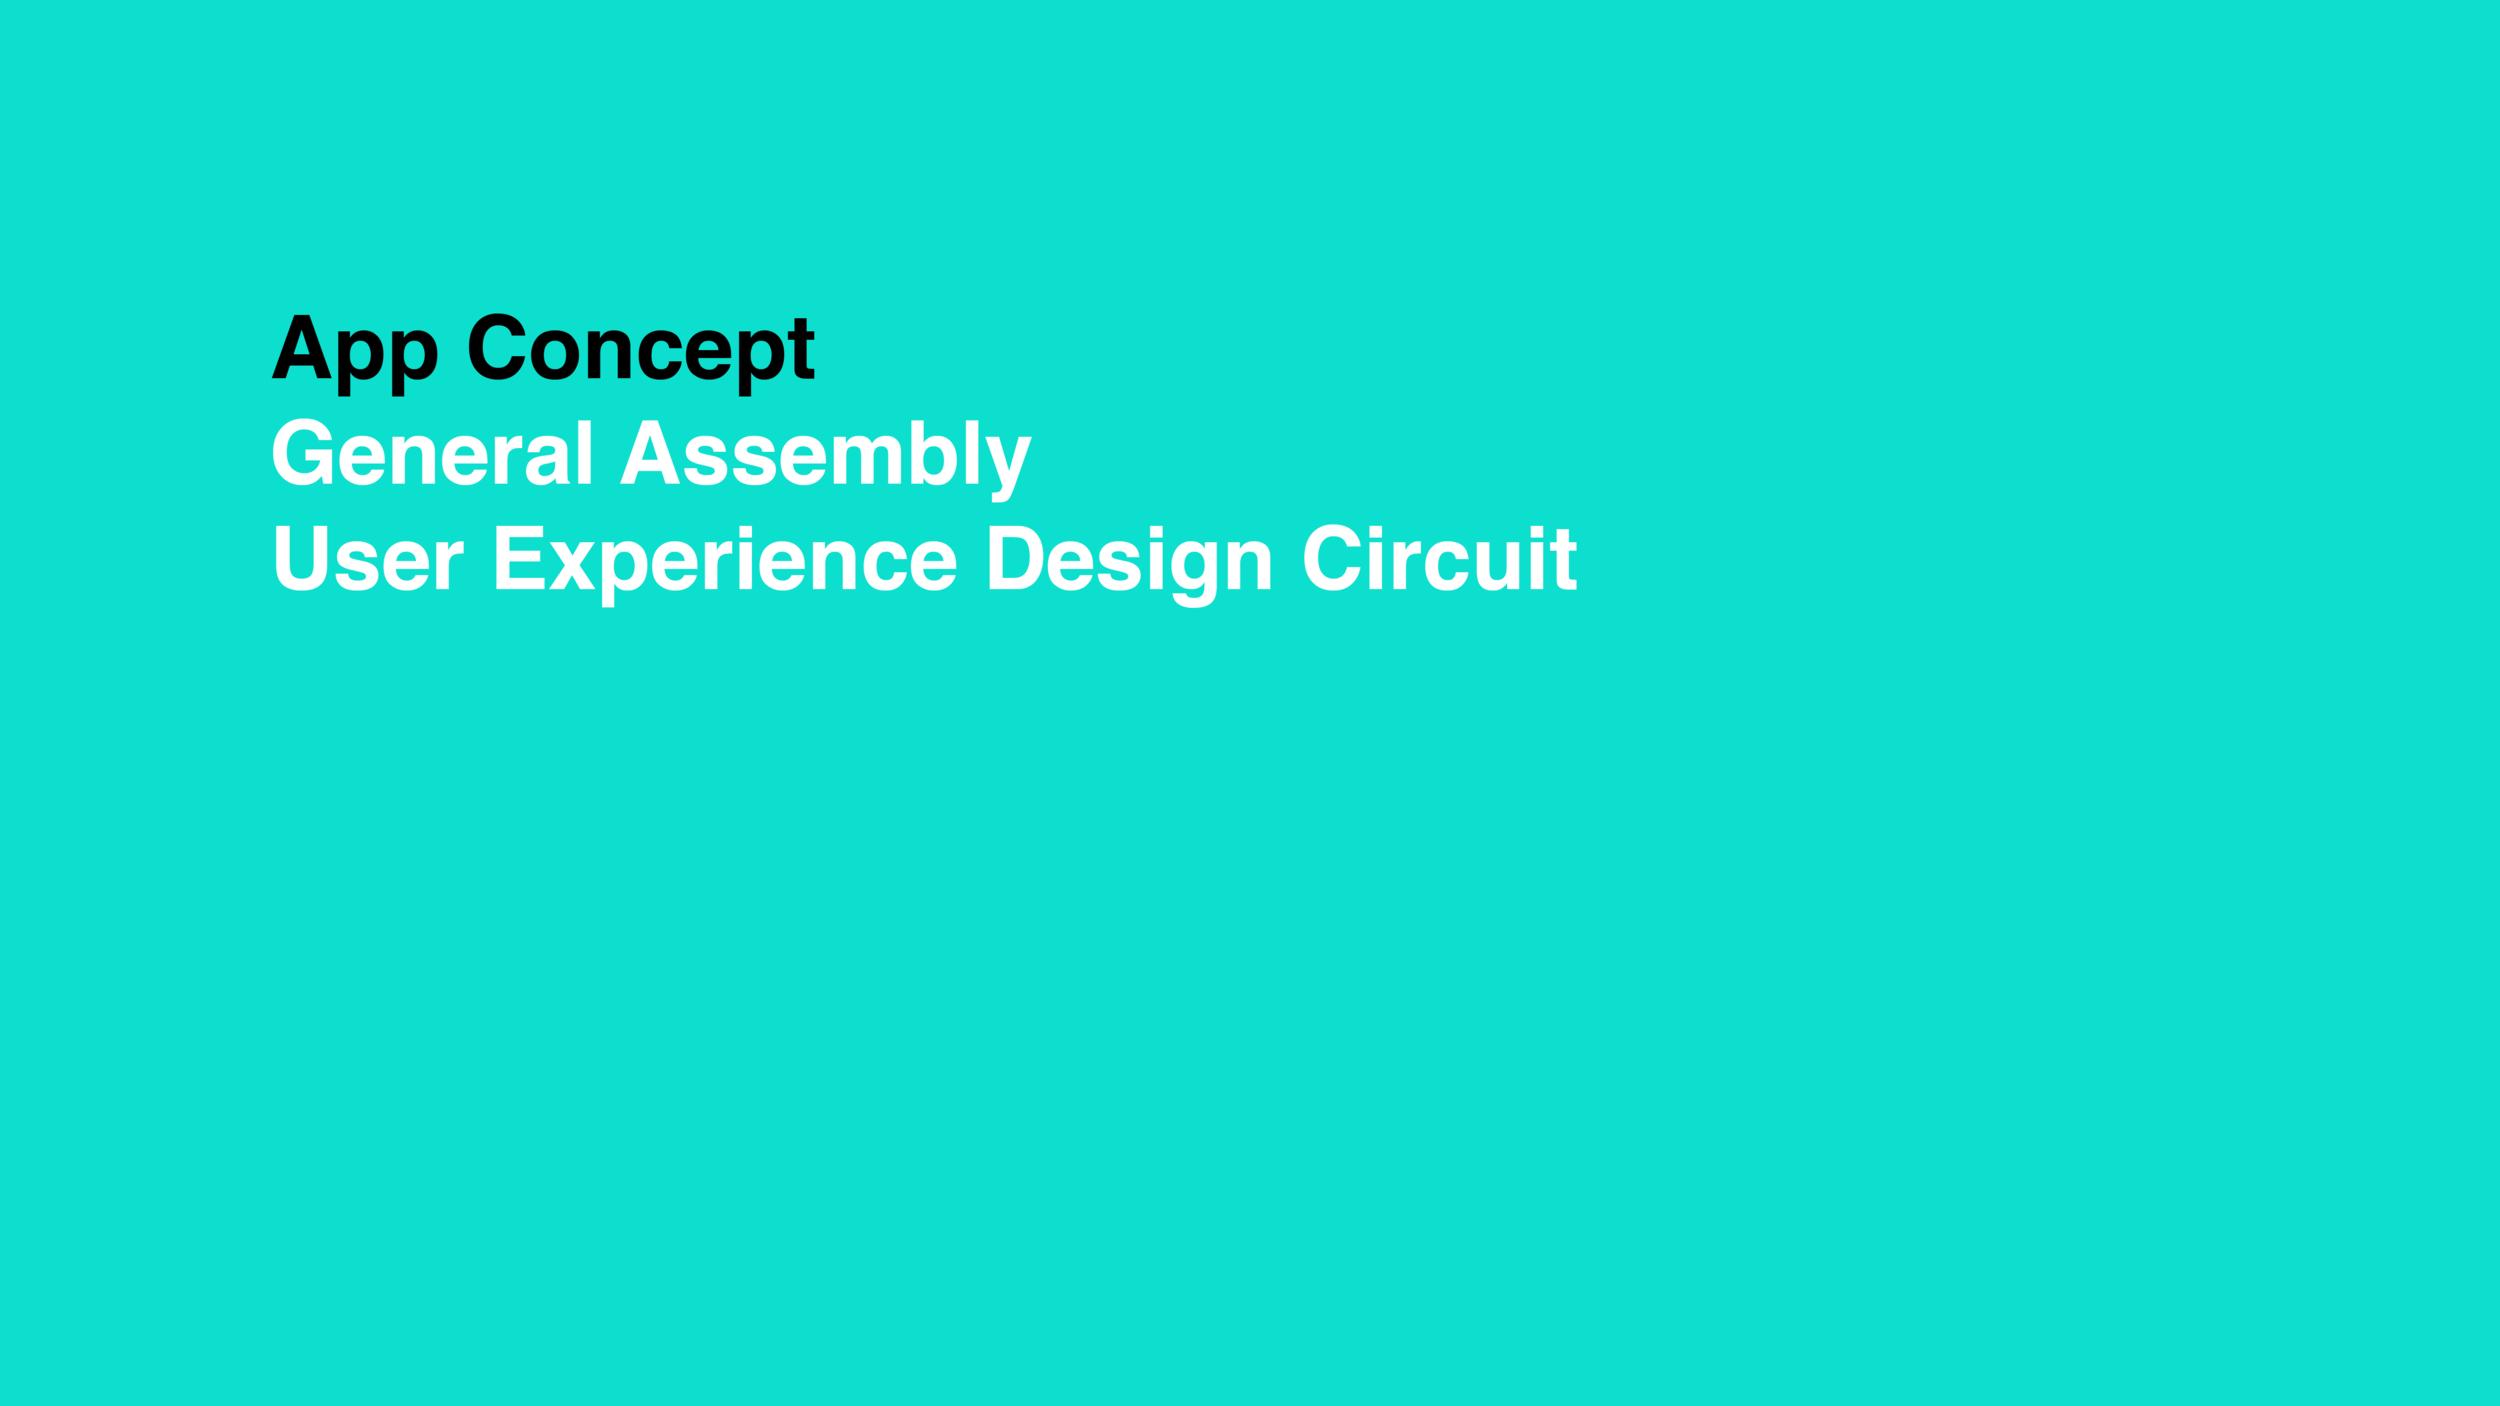 Ux Design Concept Glenann Godden